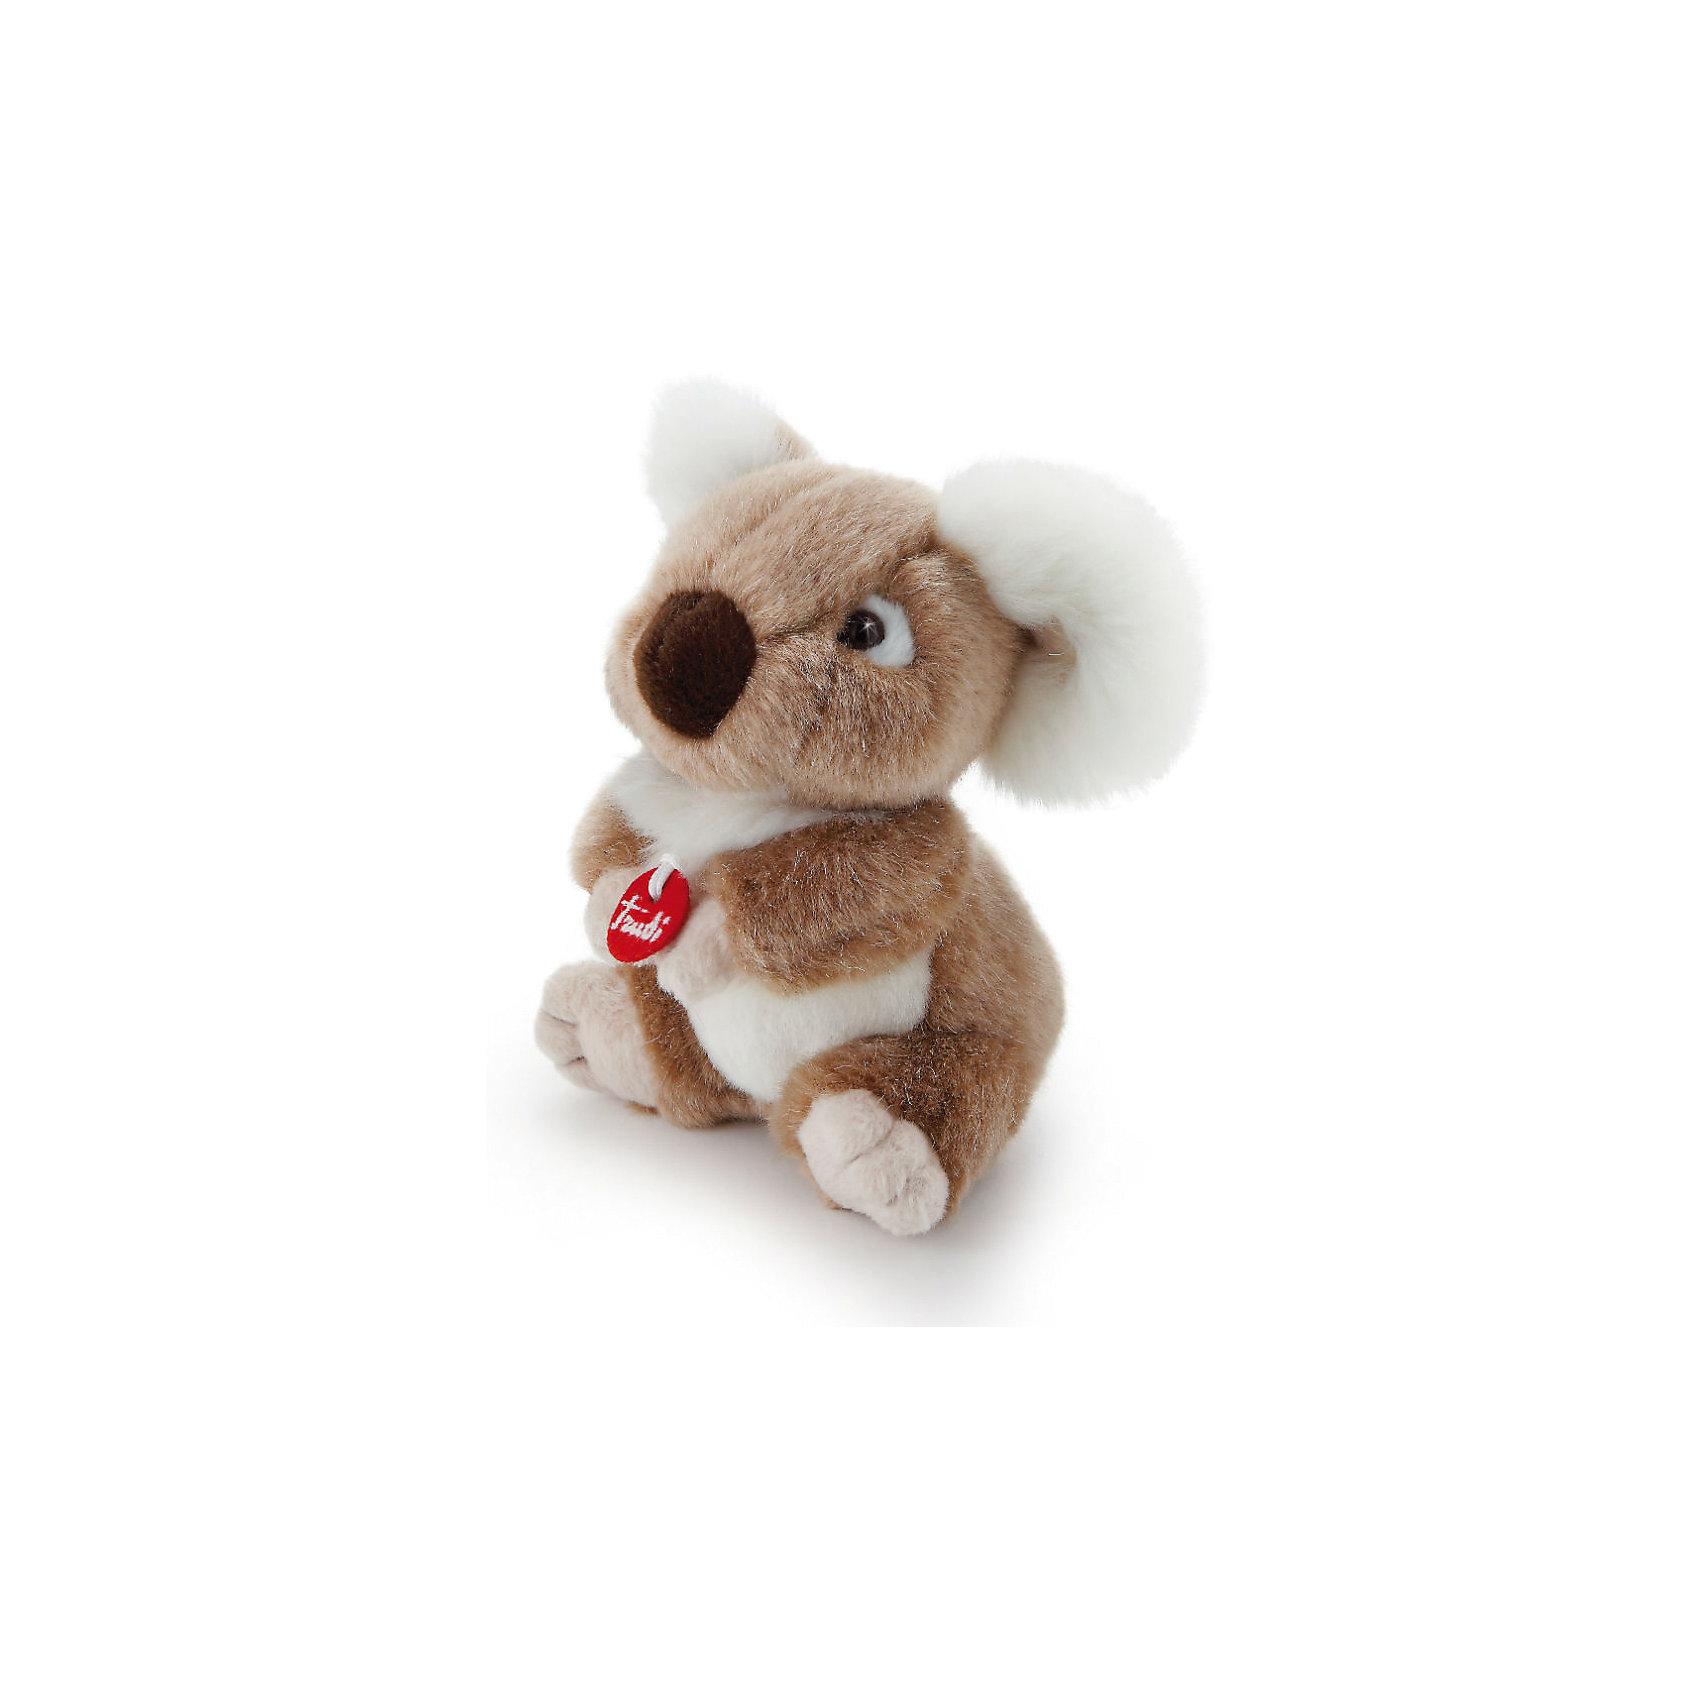 Коала, 15 см, TrudiМягкие игрушки животные<br>Характеристики товара:<br><br>• возраст от 1 года;<br>• материал: искусственный мех, пластик;<br>• высота игрушки 15 см;<br>• размер упаковки 13х14х9,5 см;<br>• вес упаковки 60 гр.;<br>• страна производитель Китай.<br><br>Коала Trudi — невероятная и милая мягкая игрушка для детей от 1 года. Она сделана из приятного на ощупь материала, малыш может обнимать ее и брать с собой спать в кроватку. В процессе игры у ребенка развиваются тактильные ощущения, воображение и фантазия. Игрушку можно стирать в стиральной машине при температуре 30 градусов. Изготовлена из качественного безвредного материала.<br><br>Коалу Trudi 15 см можно приобрести в нашем интернет-магазине.<br><br>Ширина мм: 95<br>Глубина мм: 130<br>Высота мм: 140<br>Вес г: 60<br>Возраст от месяцев: 12<br>Возраст до месяцев: 2147483647<br>Пол: Унисекс<br>Возраст: Детский<br>SKU: 5578410